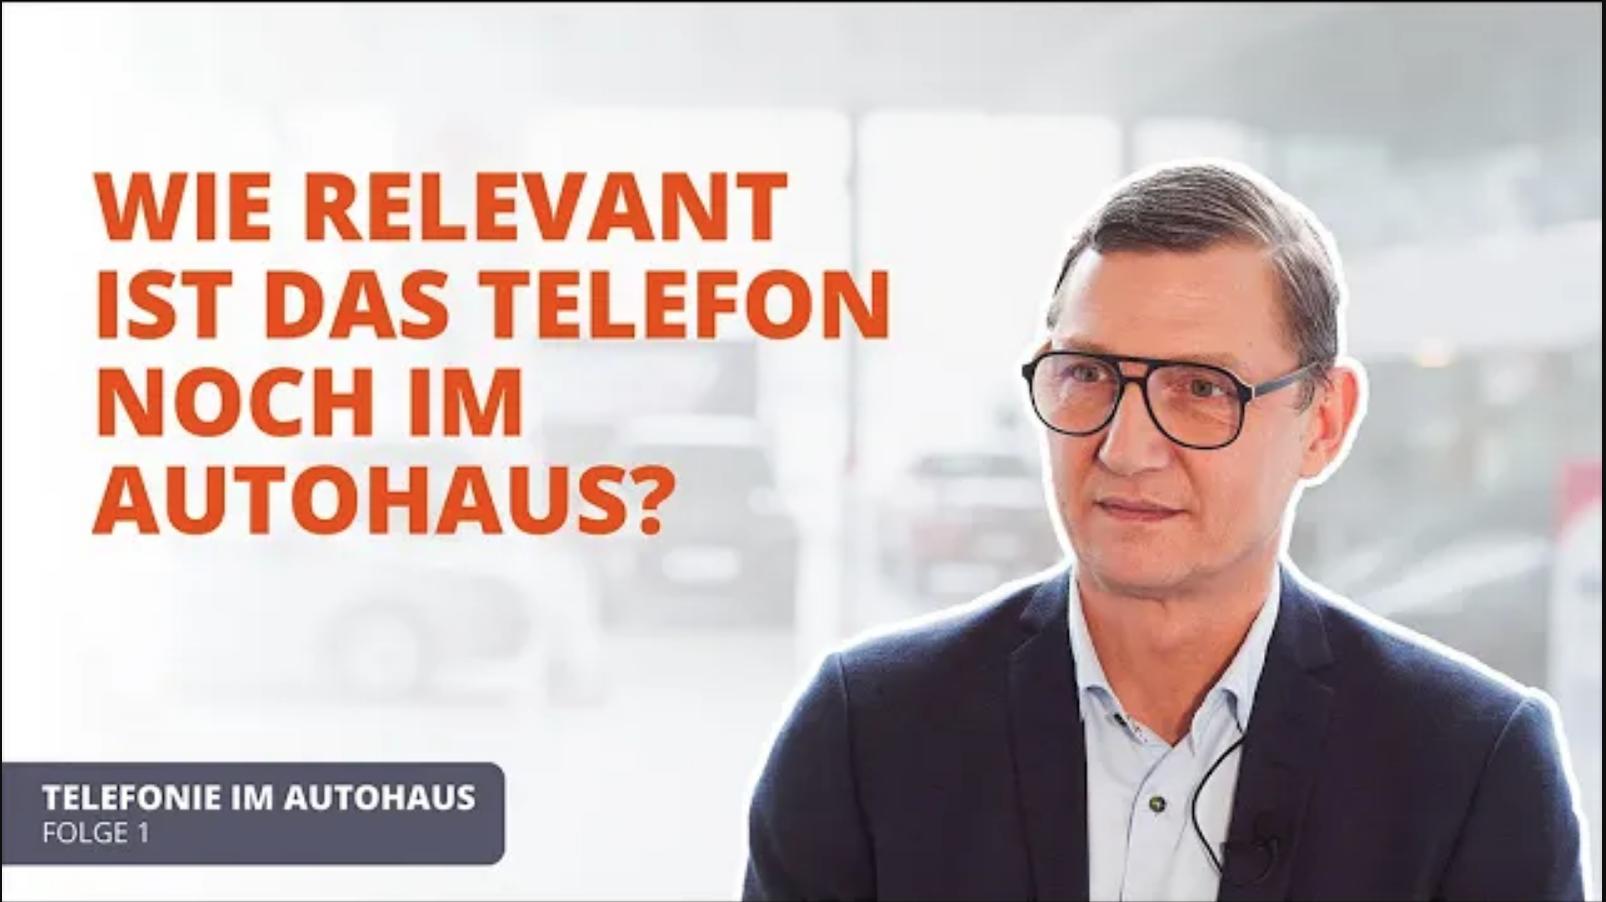 Telefonie im Autohaus – Wie relevant ist das Telefon noch?